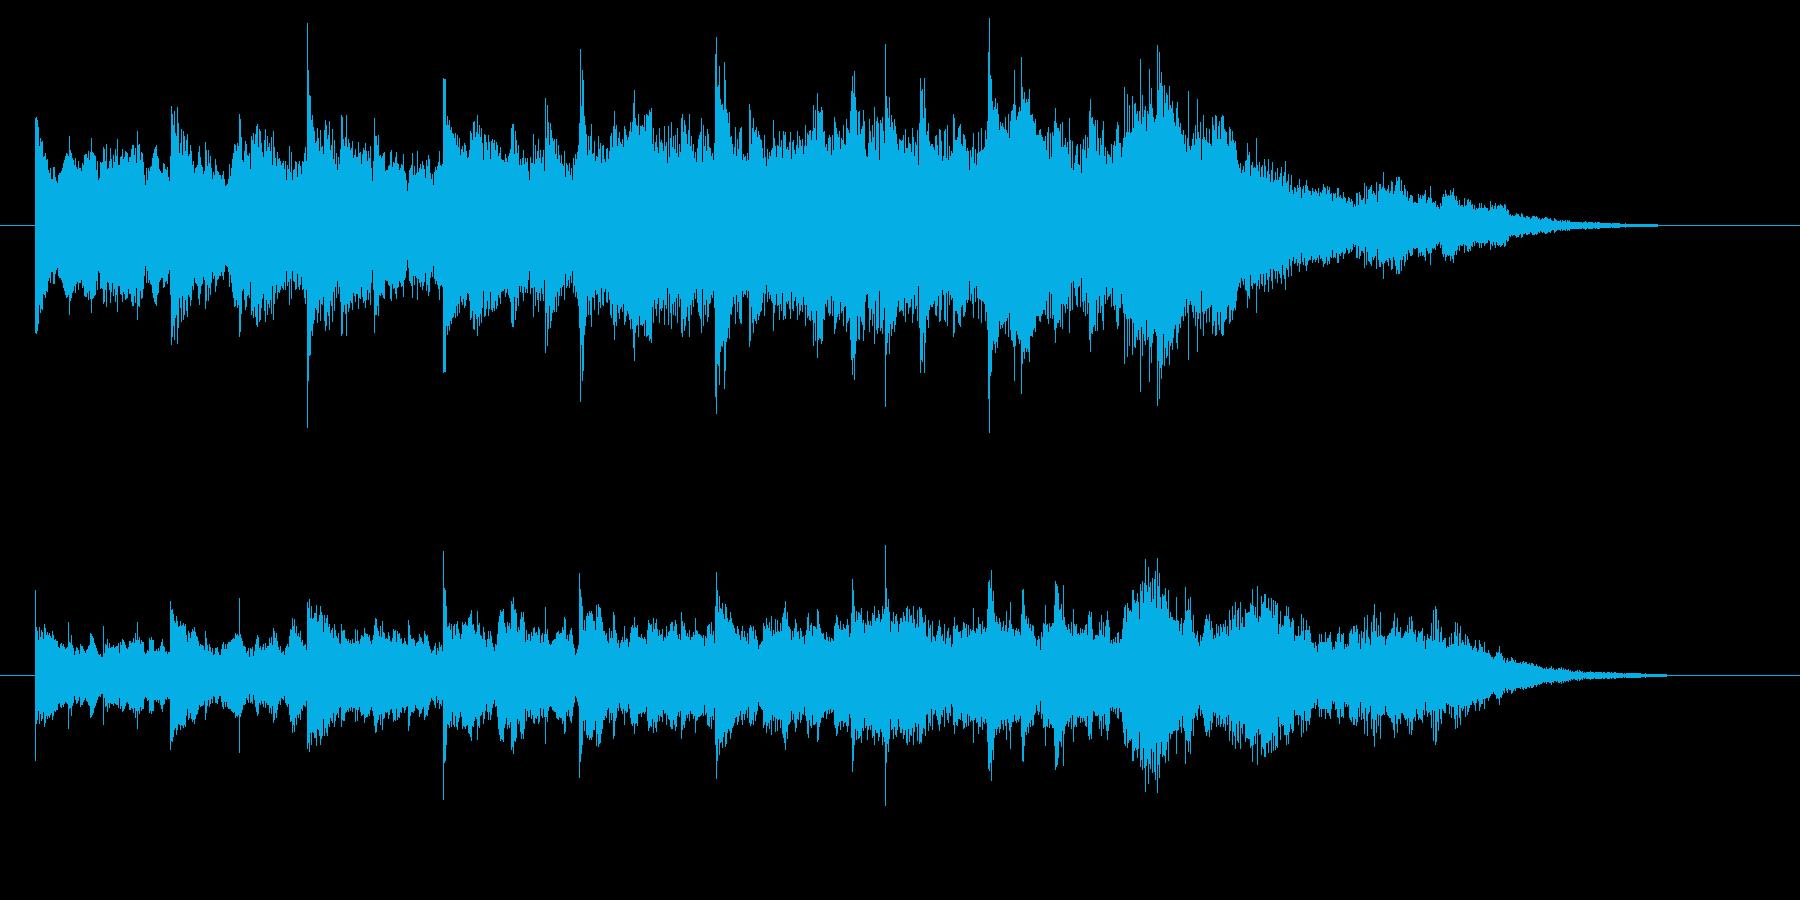 鉄道発車メロディ風ジングルの再生済みの波形